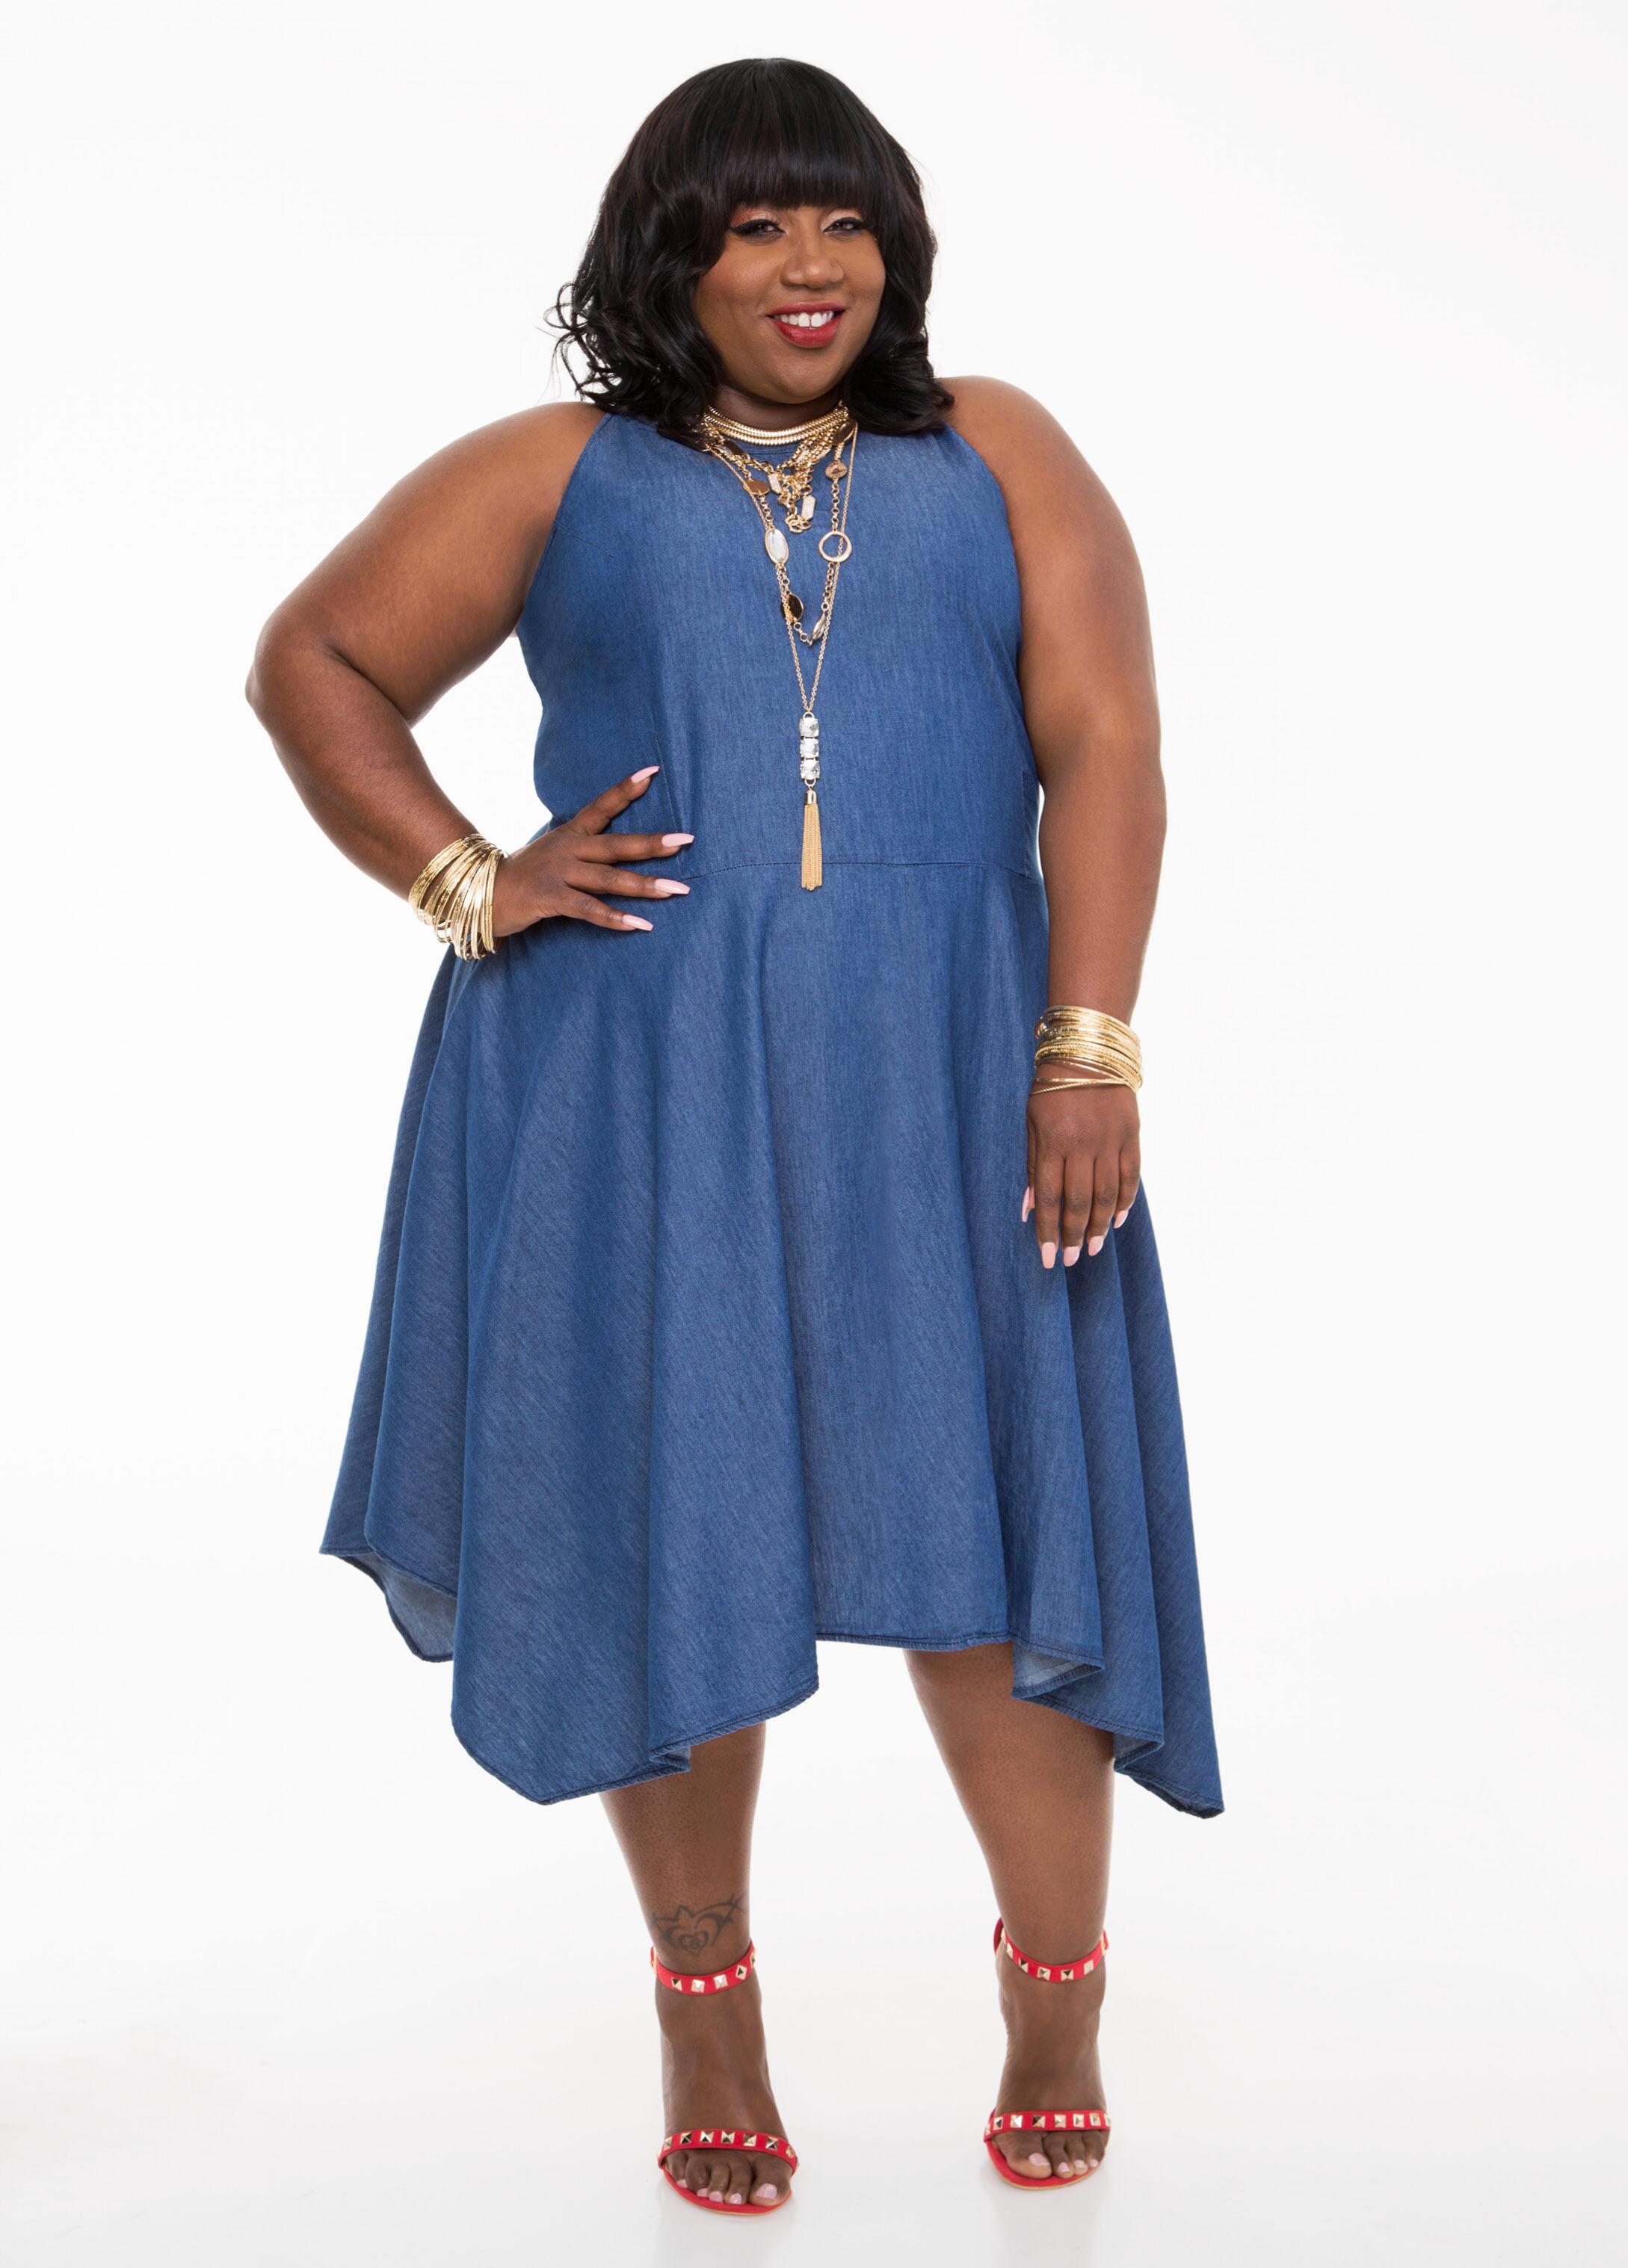 Jean Dress Plus Size E5qJg0MS